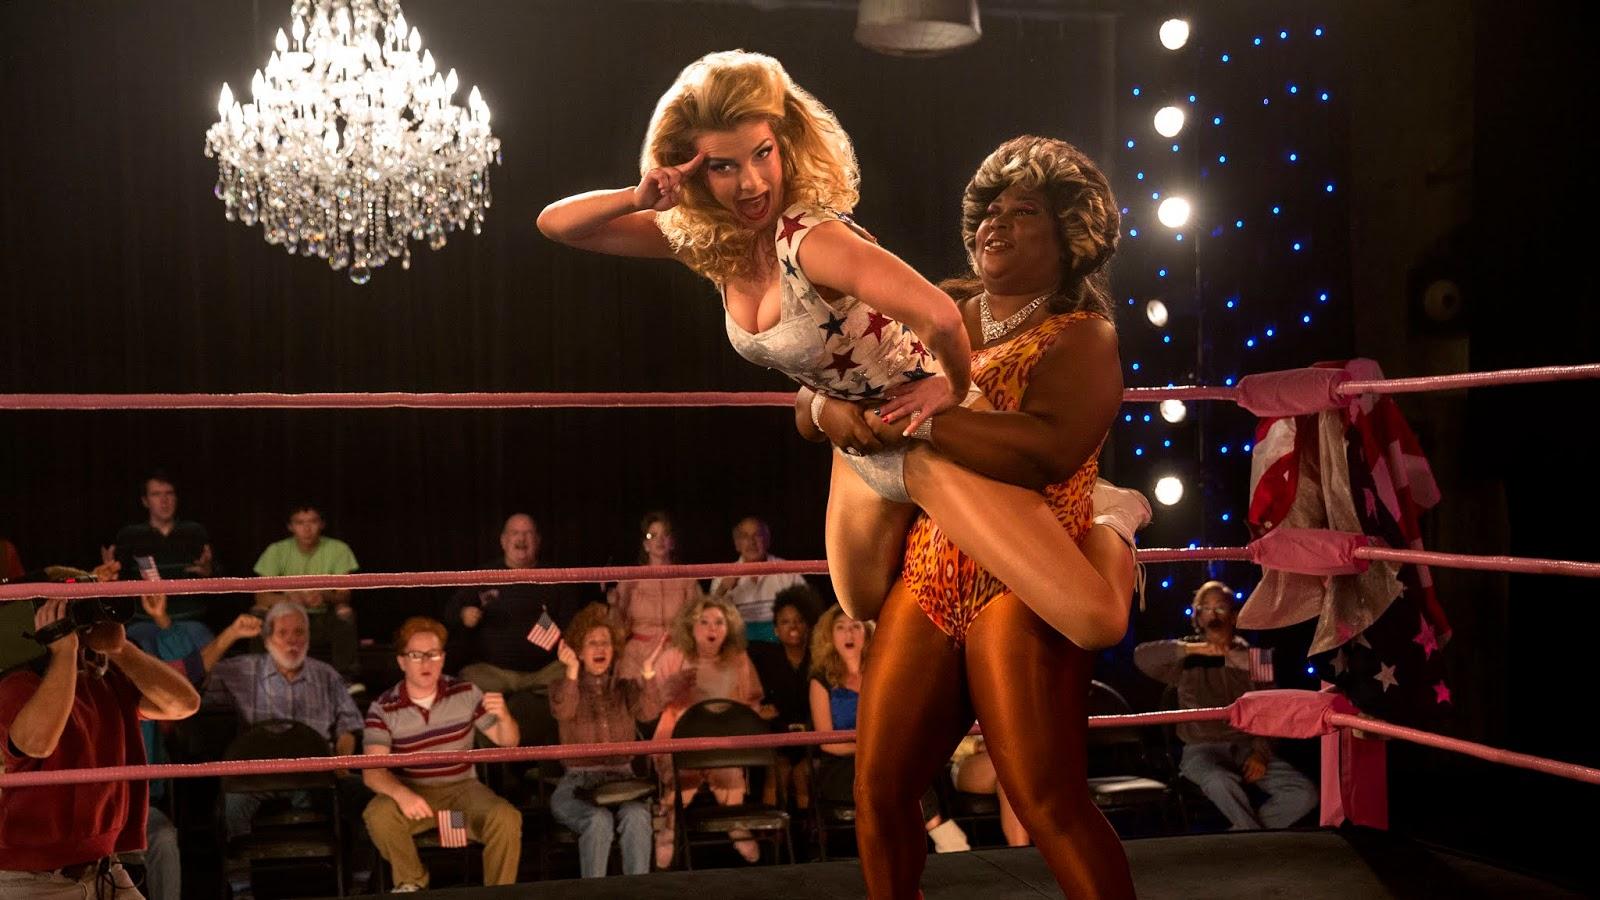 Debbie y Welfare Queen en la temporada 2 de GLOW